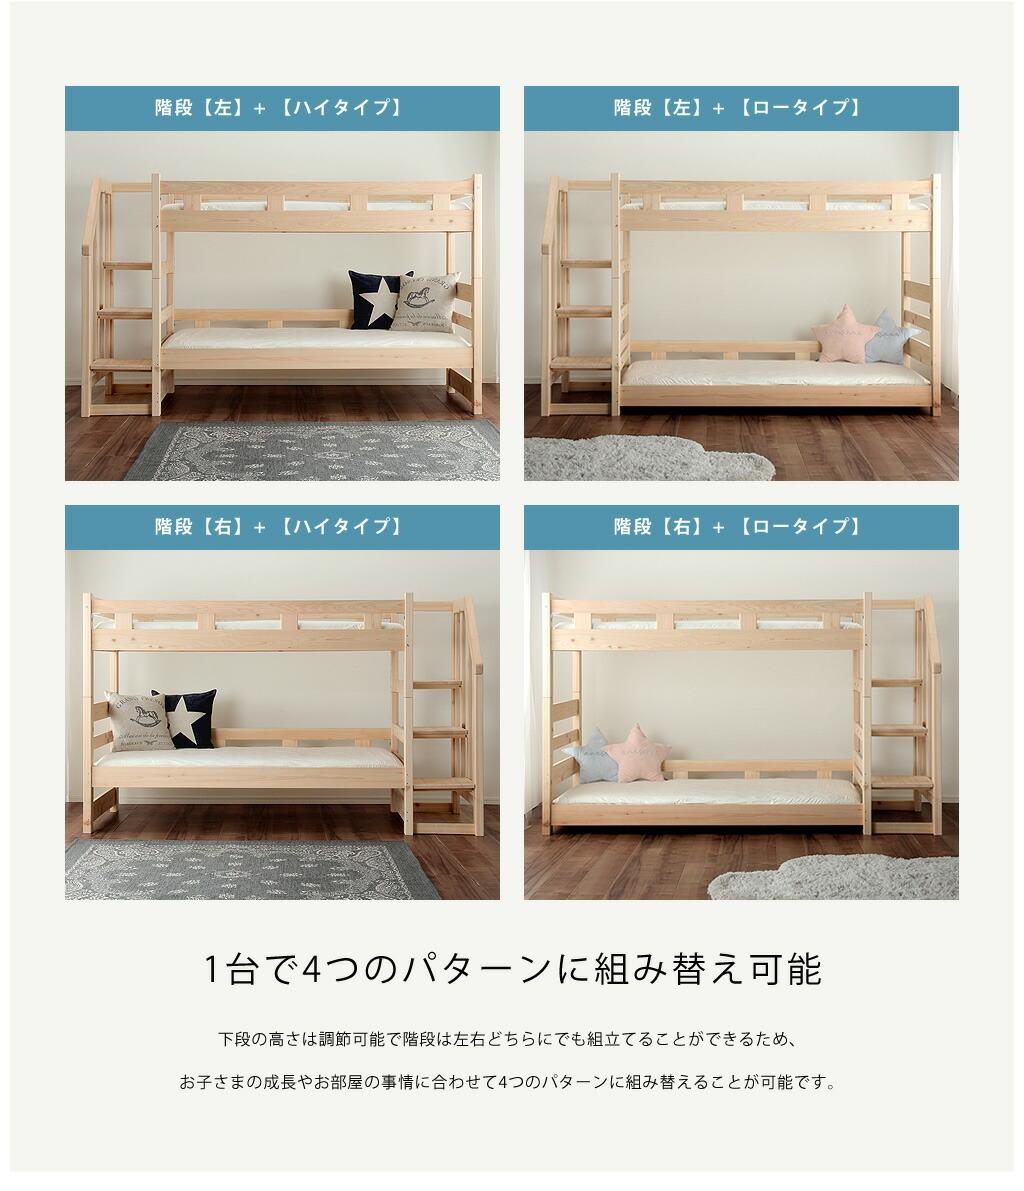 1台で4つのパターンに組み替え可能な二段ベッド